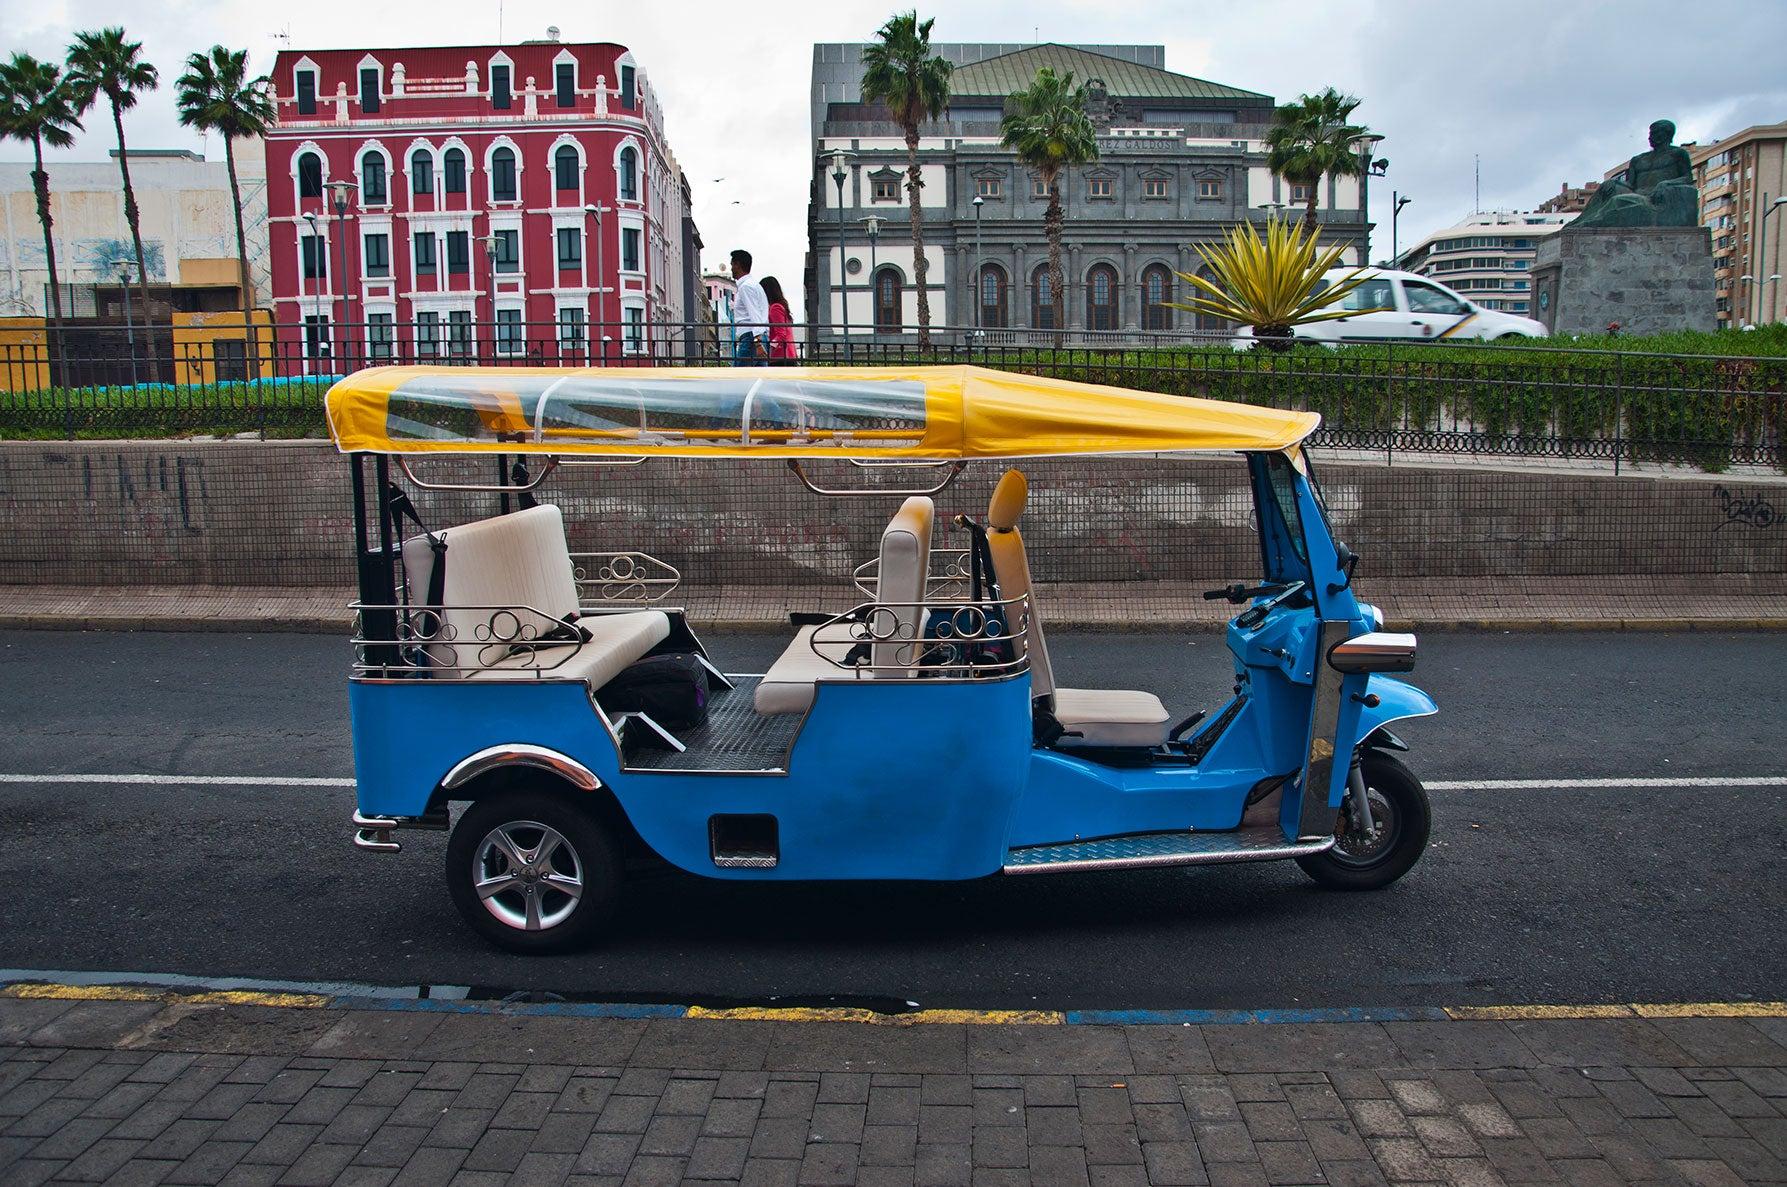 Montar en tuk-tuk, una de las cosas que hacer en Las Palmas de Gran Canaria